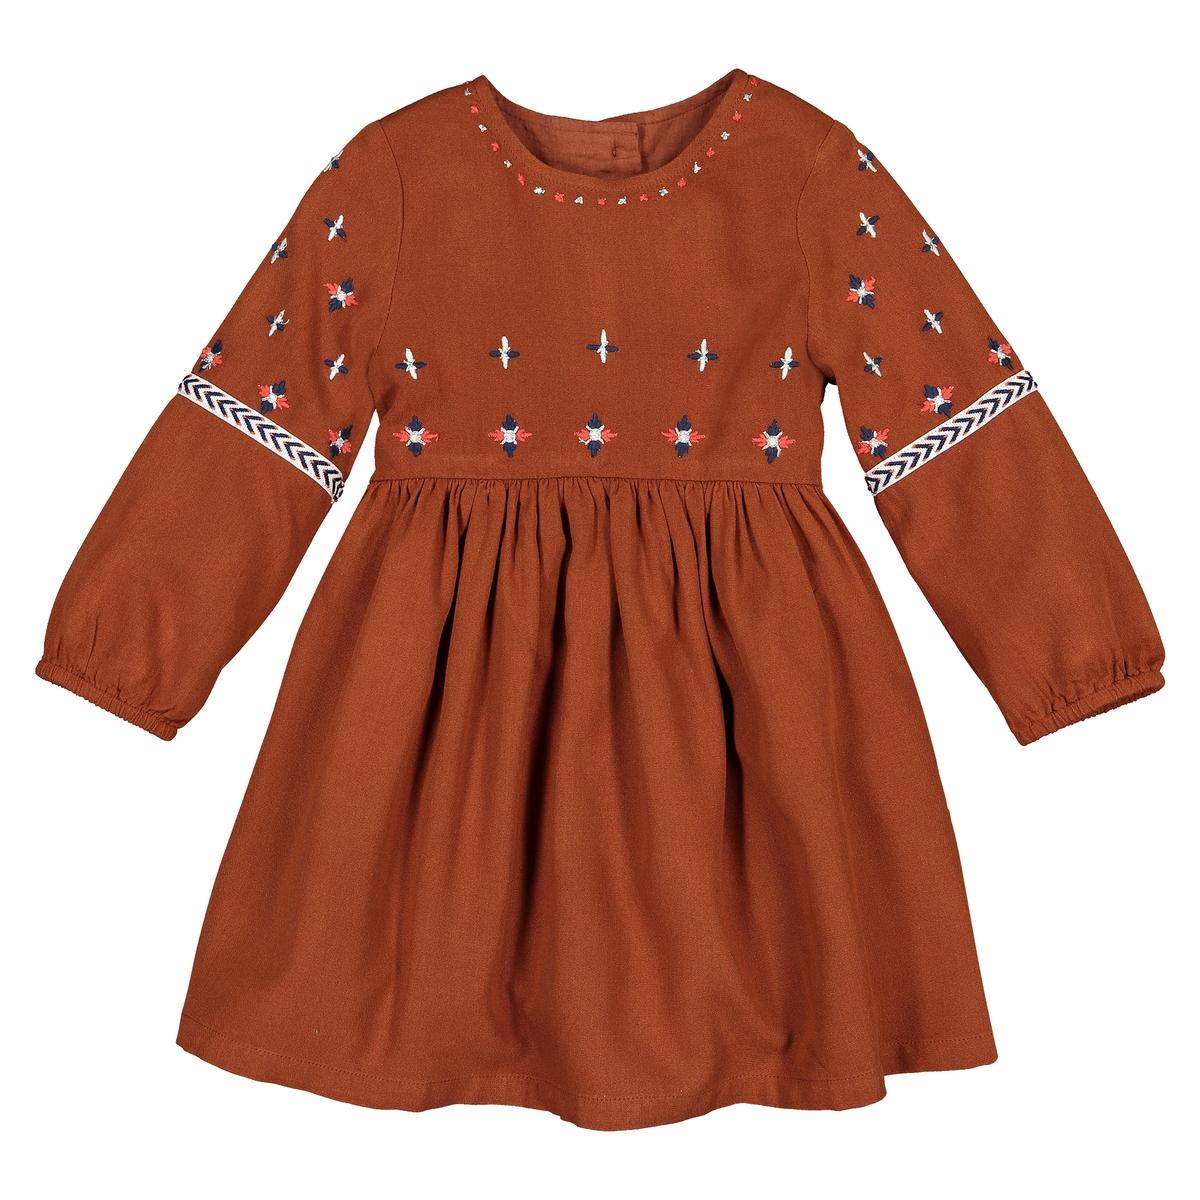 Платье La Redoute Расклешенное с длинными рукавами и вышивкой мес - года 3 года - 94 см каштановый футболка la redoute с длинными рукавами с вышивкой мес года 0 мес 50 см бежевый